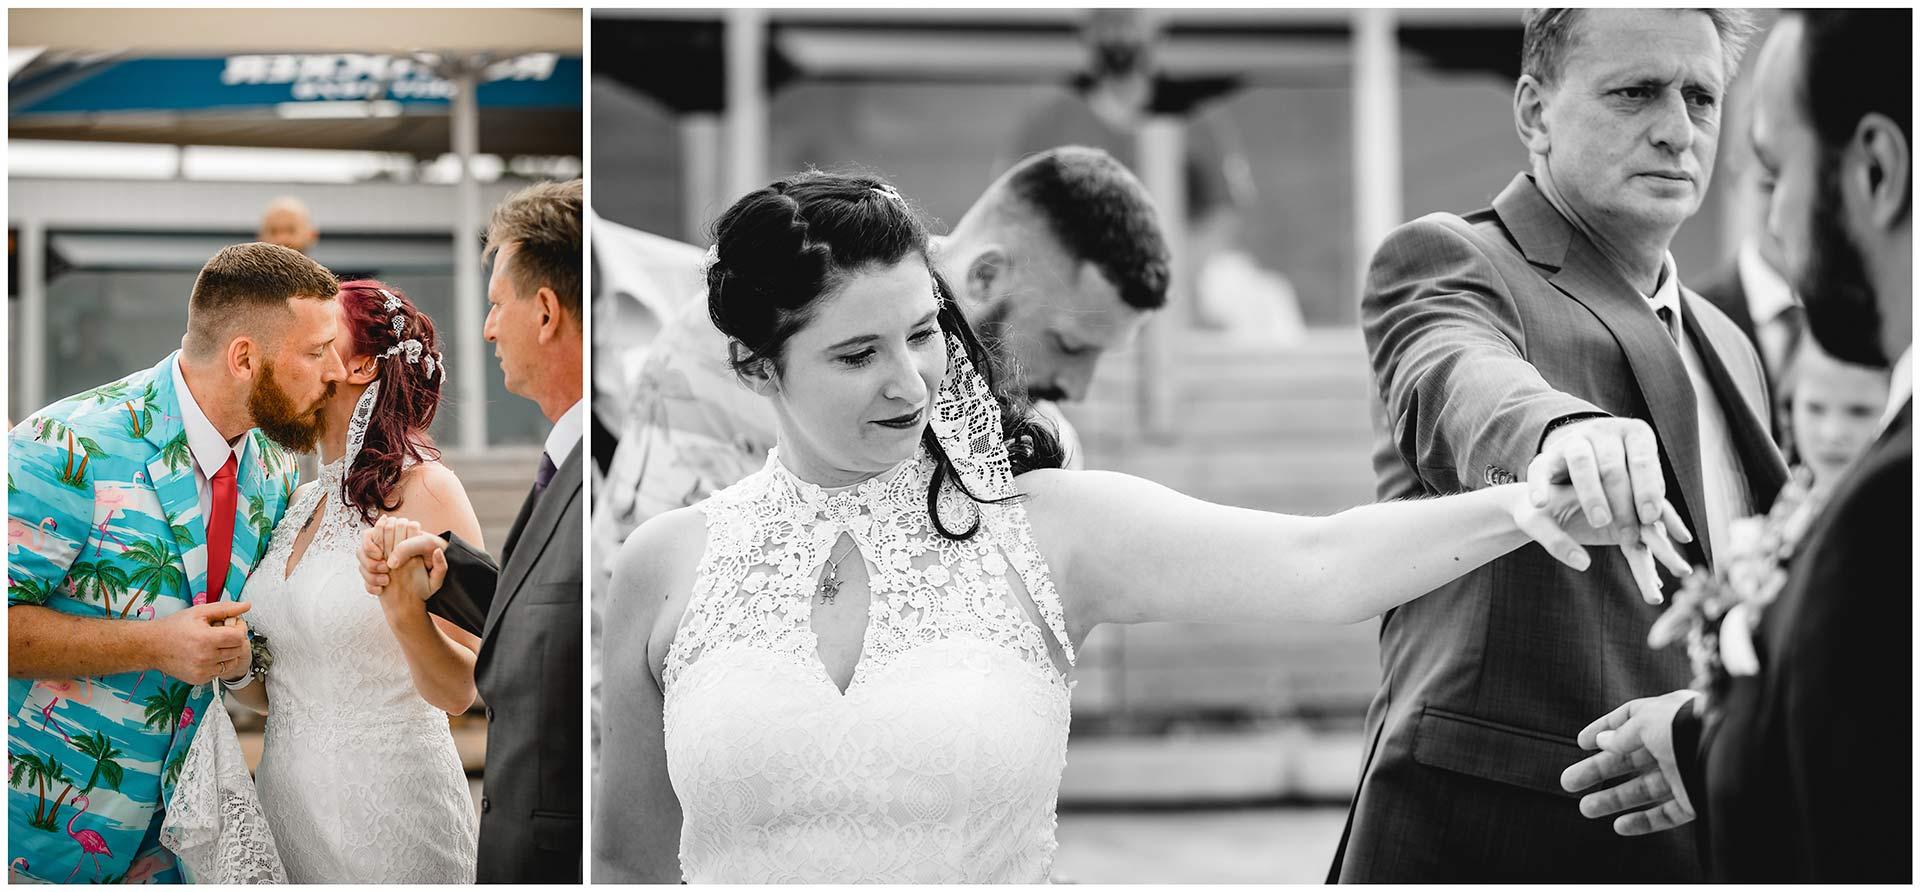 Foto-1_Bruder-gibt-der-Braut-einen-Kuss-auf-die-Wange_Foto-2_Brautvater-uebergibt-seine-Tochter-an-den-Braeutigam-Hochzeit-am-Strand-Hochzeitsfotograf-Warnemuende-Hochzeitsfotograf-Rostock-Hochzeitsfotograf-Ostseebad-Warnemuende